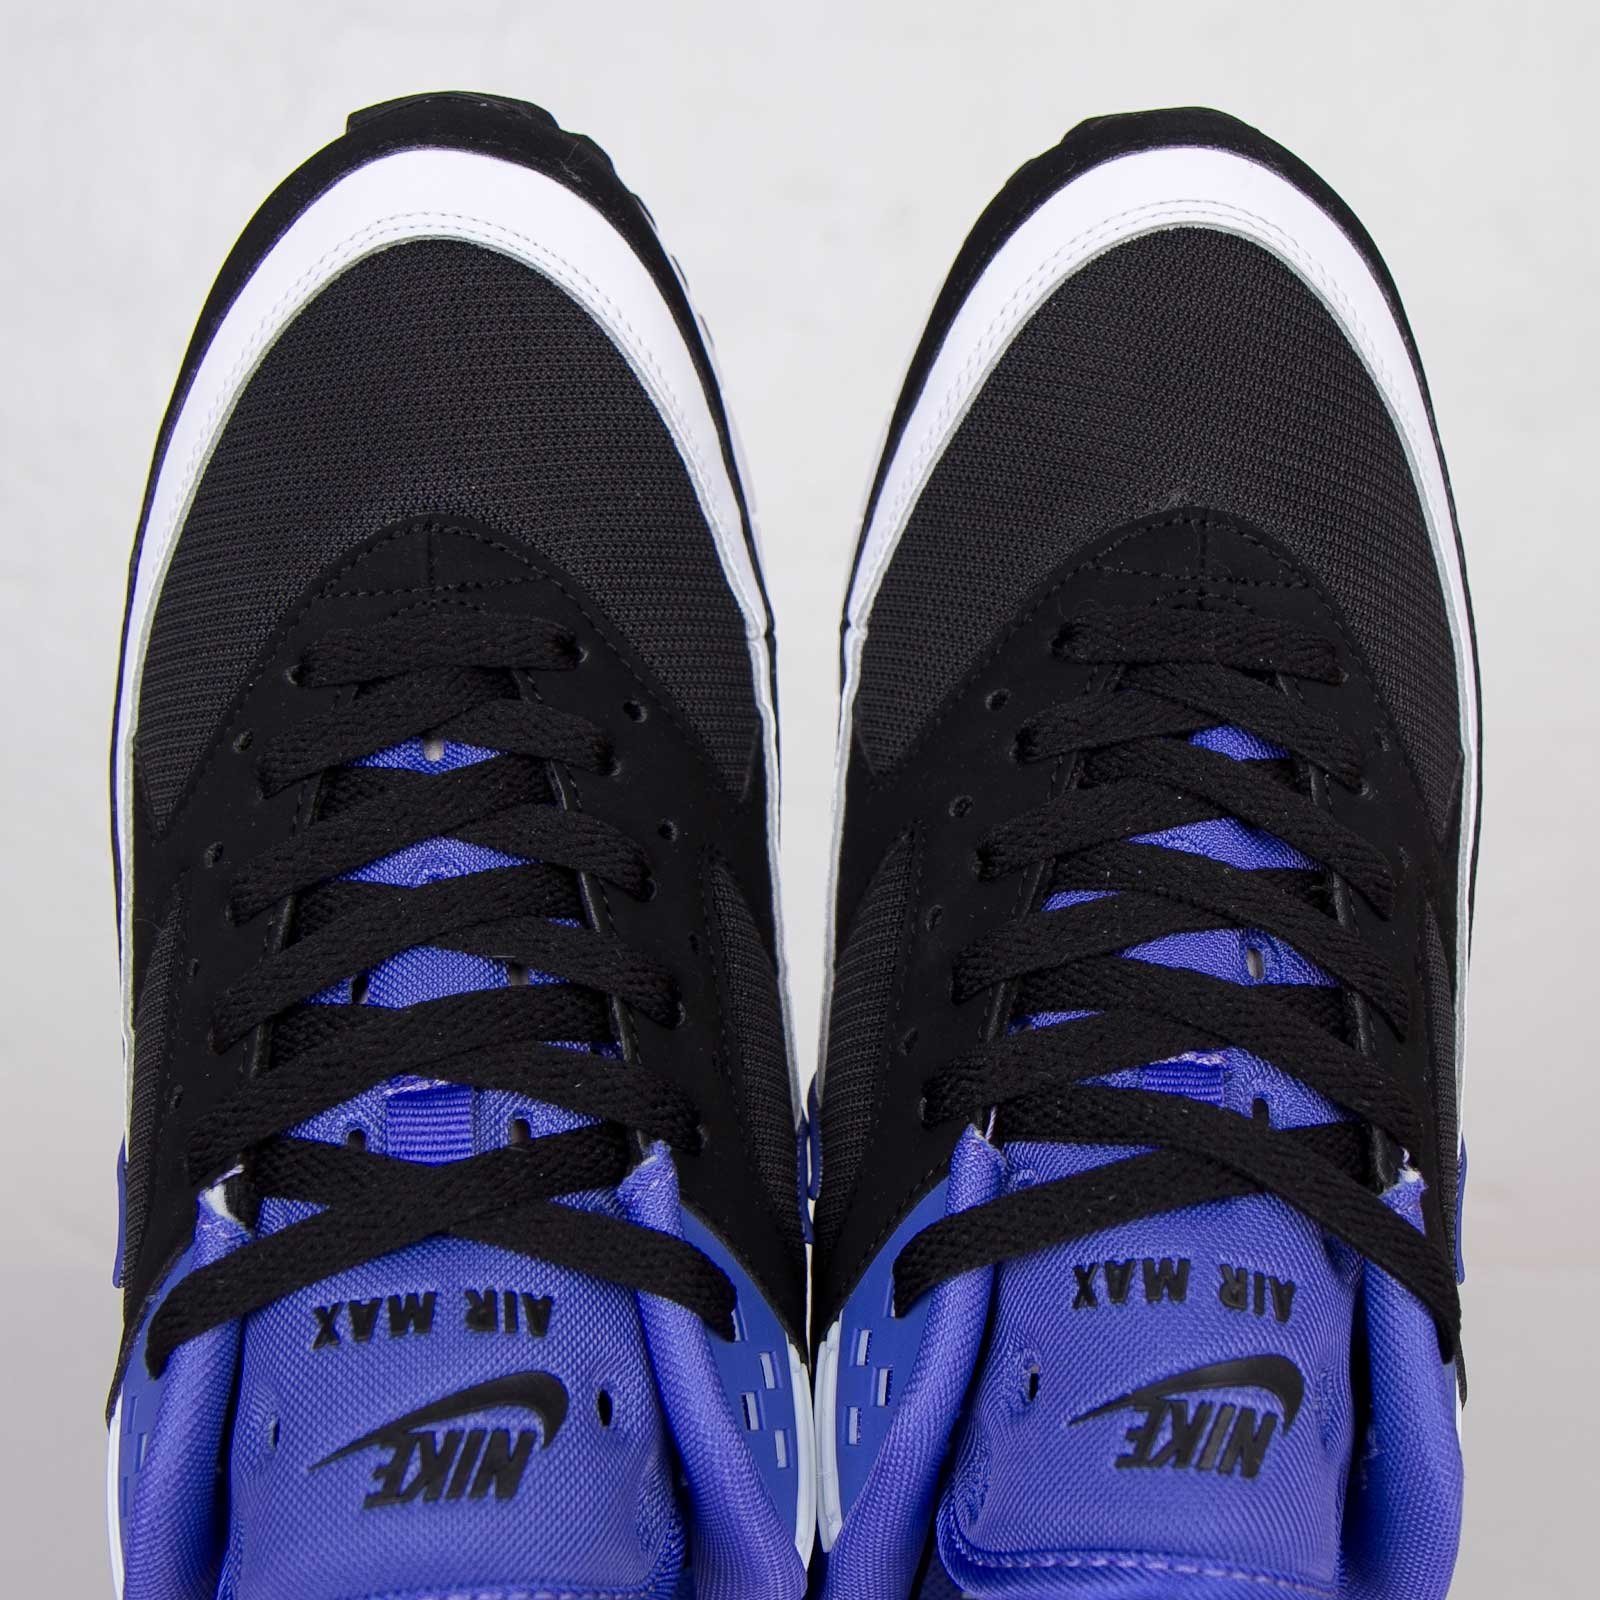 separation shoes 293ed 839ee Nike Air Classic BW GEN II CMFT - 631624-051 - Sneakersnstuff   sneakers    streetwear online since 1999